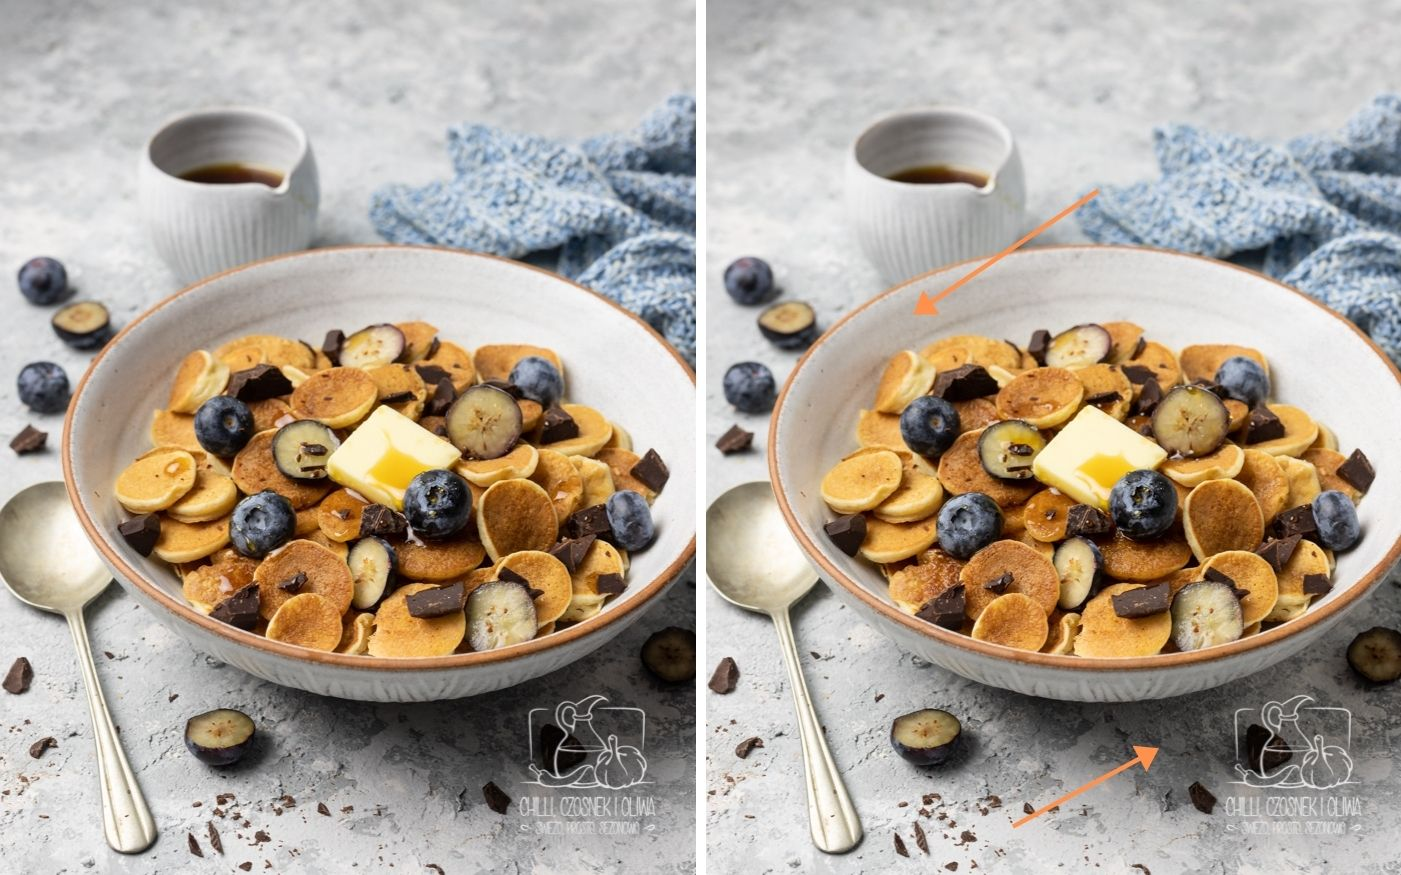 Pancake cereal - Jak zrobić takie zdjęcie?